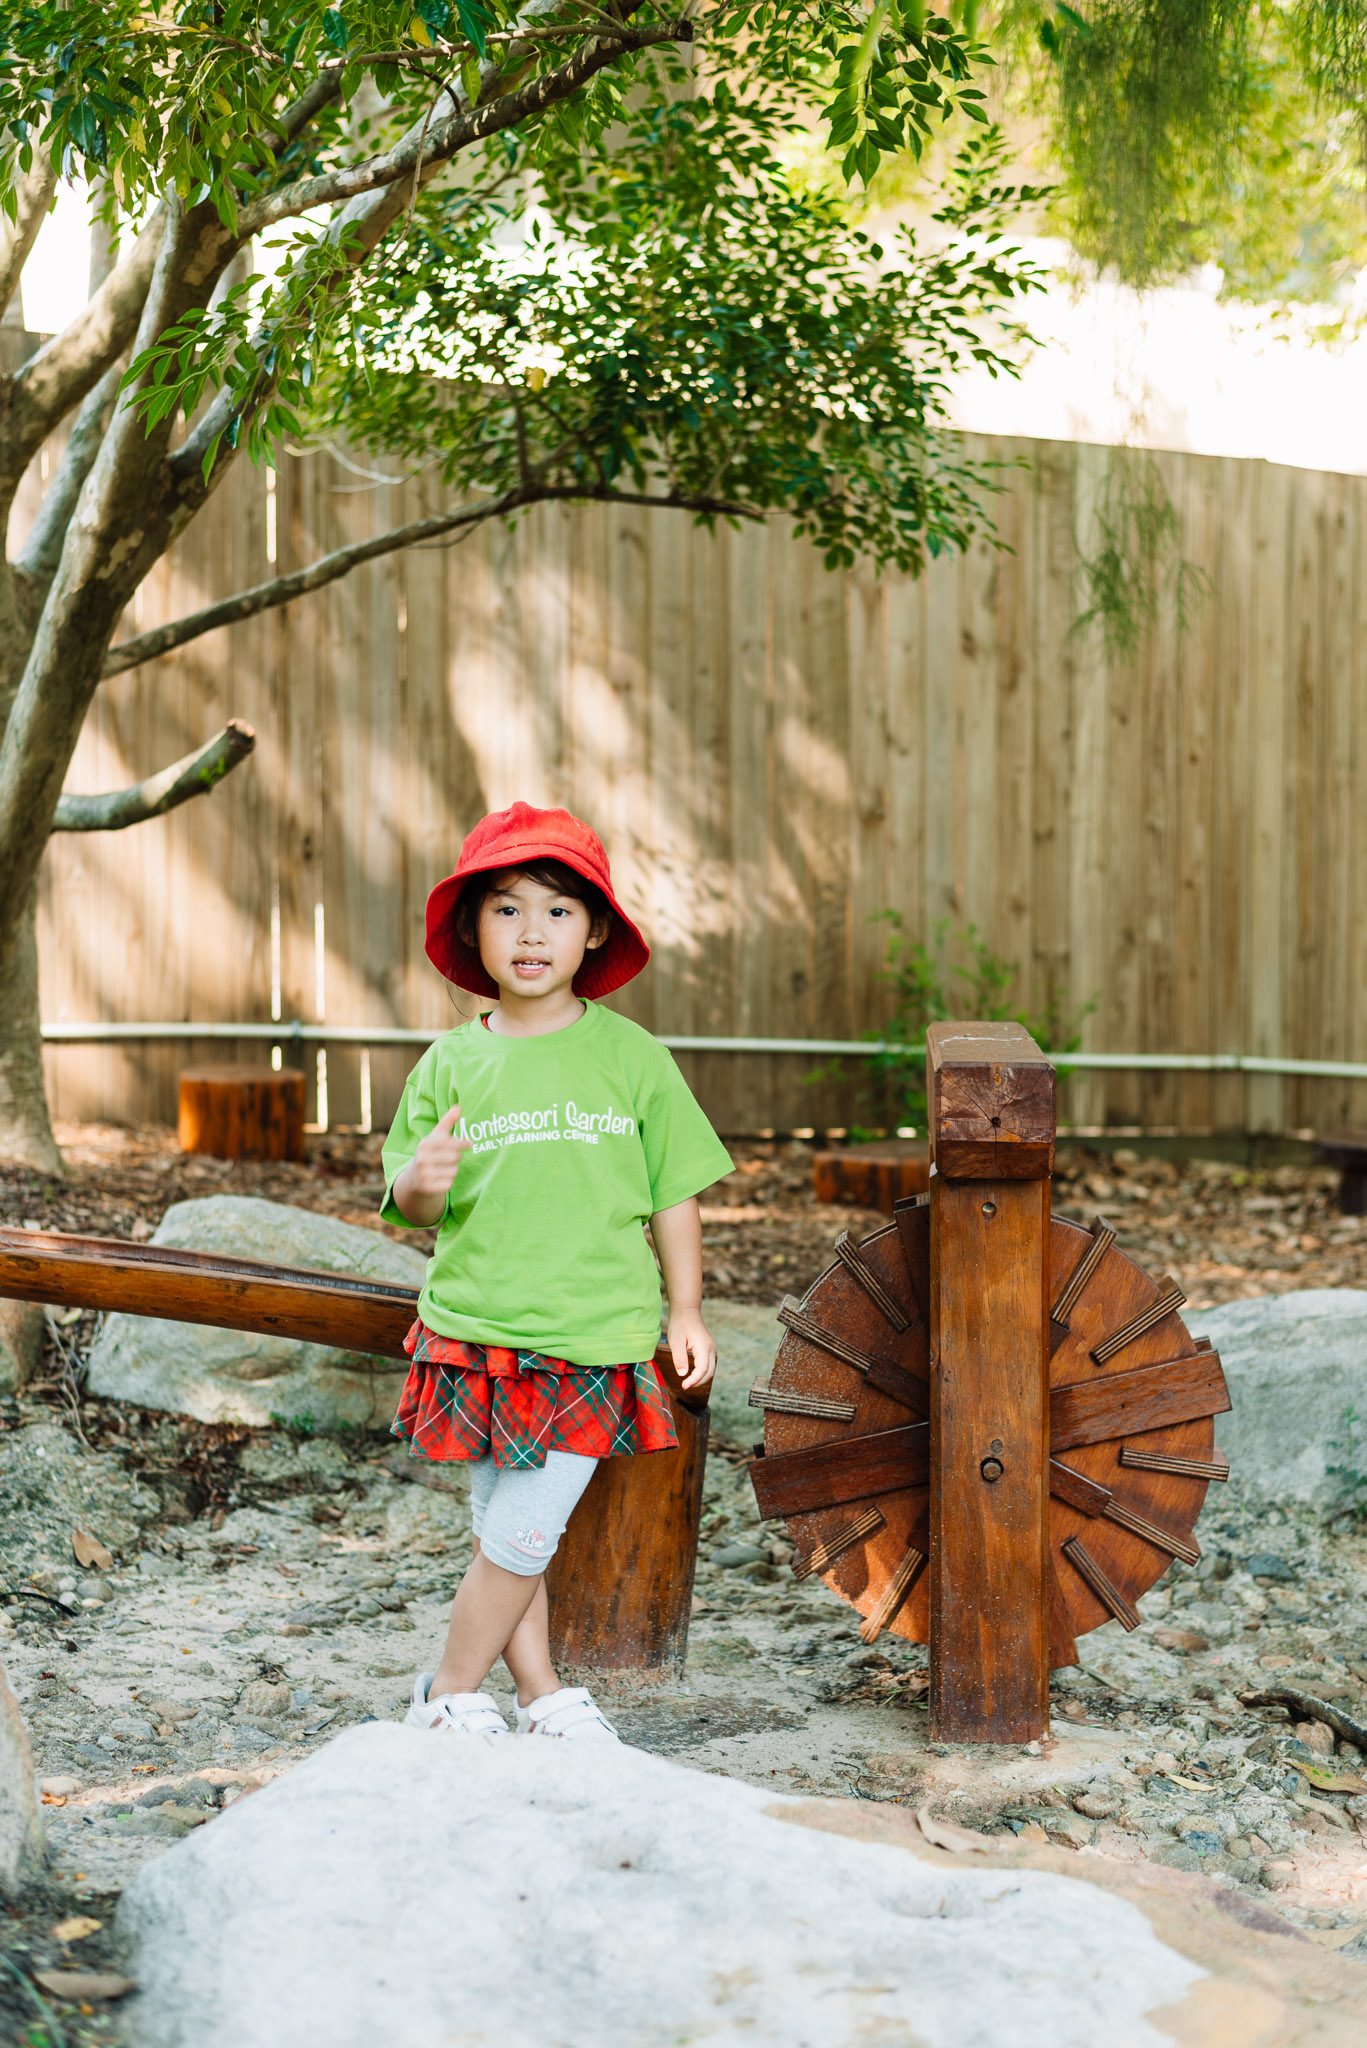 MontessoriGarden_YMoosa-2.jpg